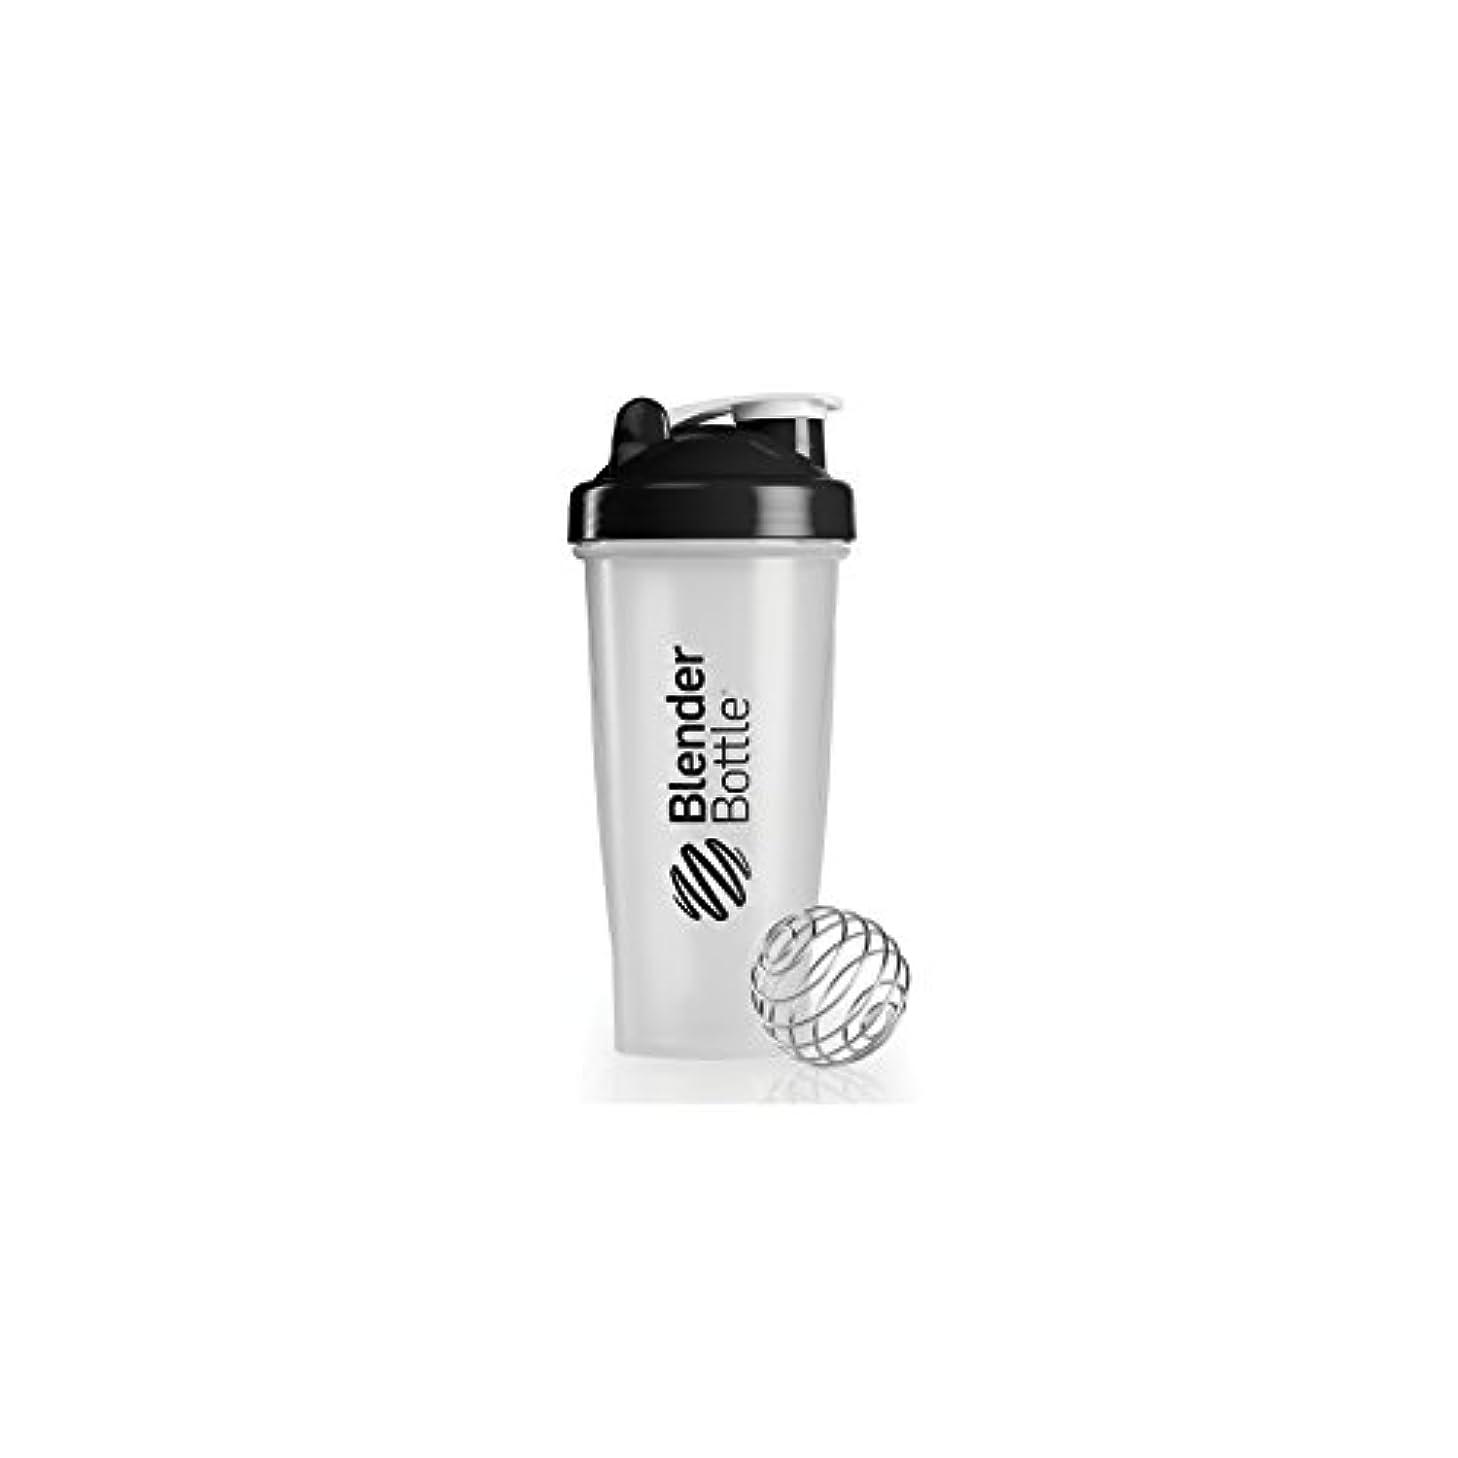 鉱石エアコン不機嫌Blender Bottle(ブレンダーボトル) 【日本正規品】Blender Bottle Classic Clear 28オンス(800ml) BBCL28 BK